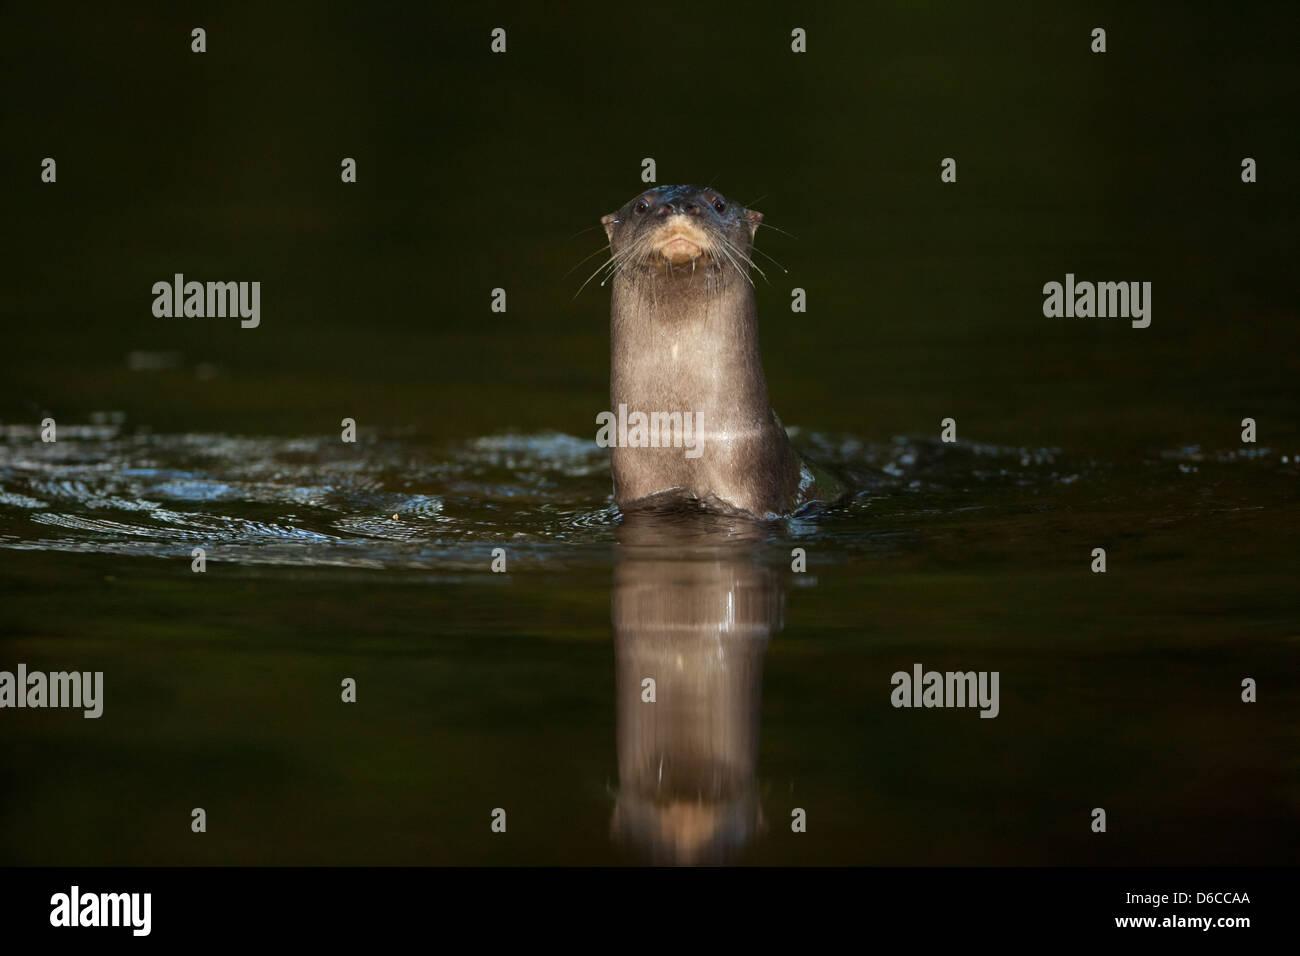 Neotropical Lontra di fiume, sci.name; Lontra longicaudis, Cocle Affitto provincia, Repubblica di Panama. Foto Stock